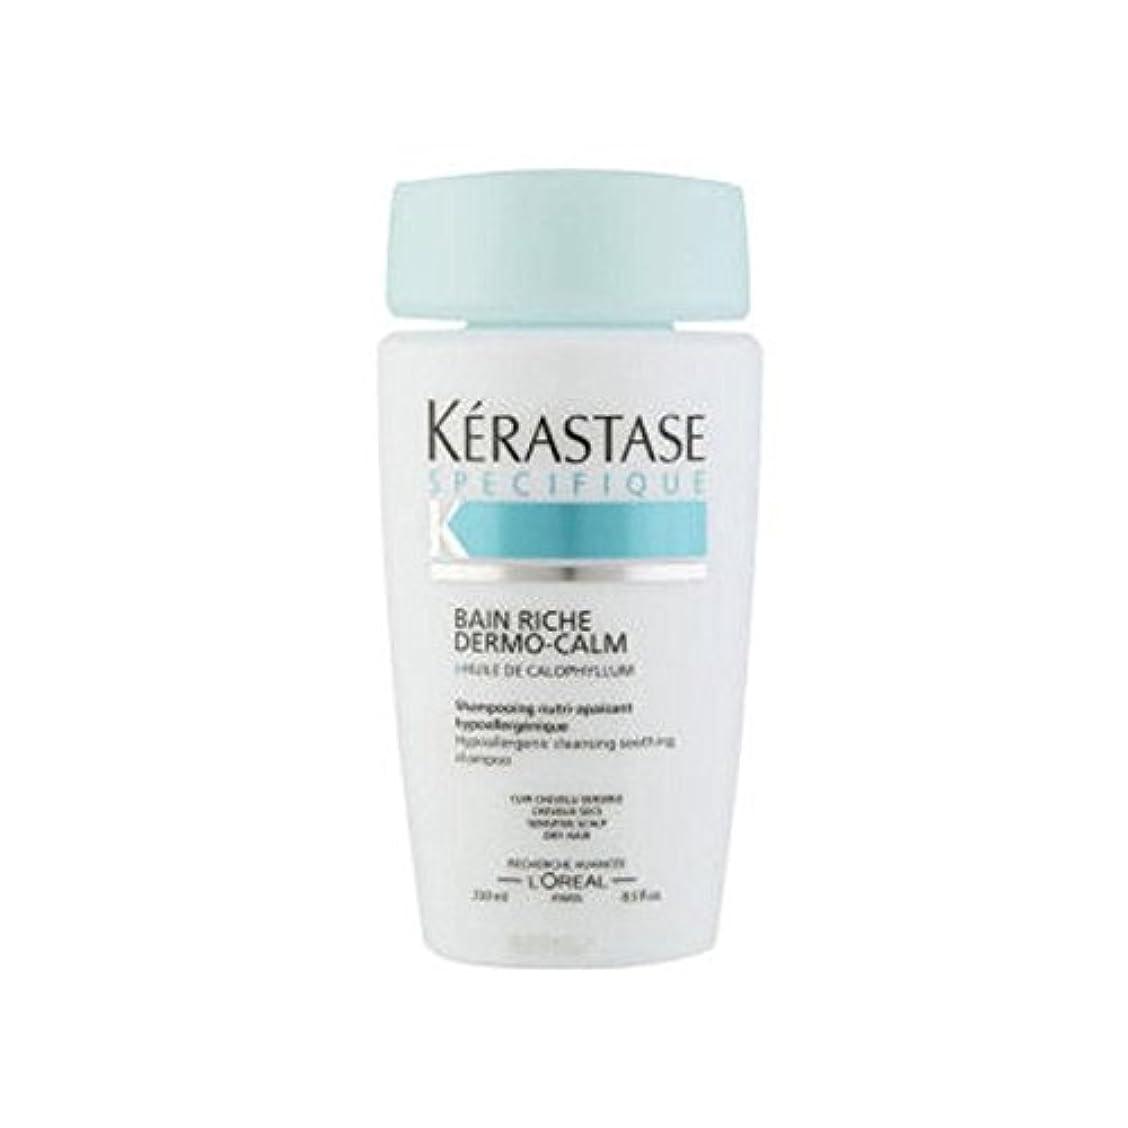 青写真不承認スロットケラスターゼスペシフィック皮膚 - 穏やかベインリッシュ(250ミリリットル) x2 - K?rastase Specifique Dermo-Calm Bain Riche (250ml) (Pack of 2) [並行輸入品]